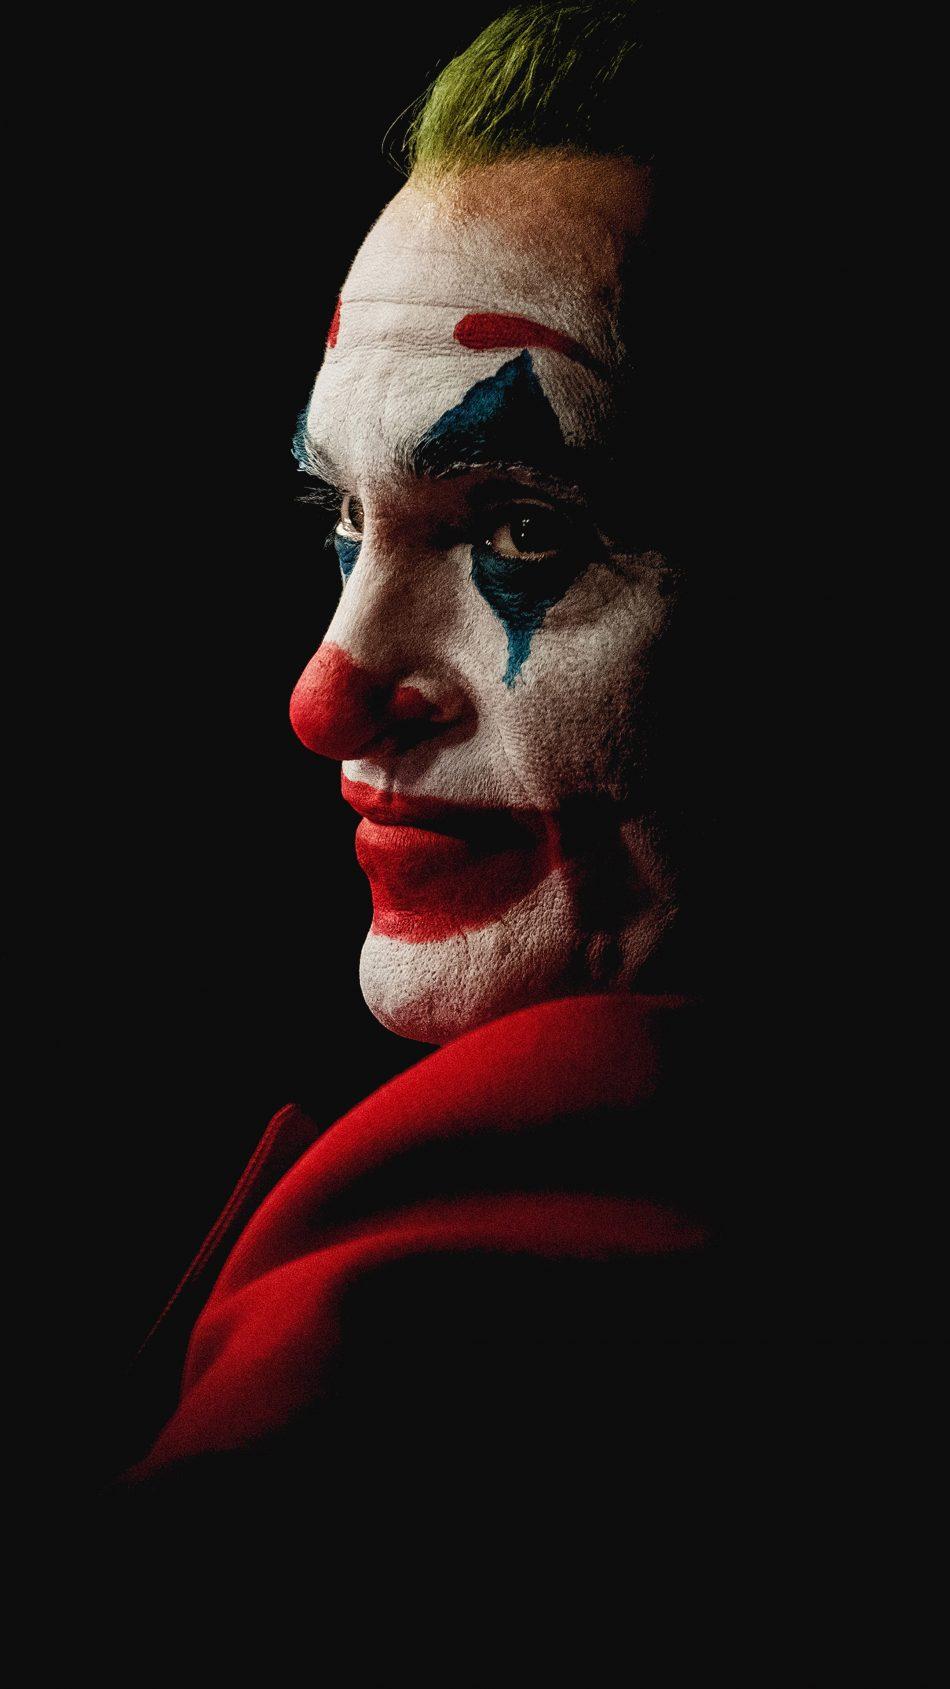 Joaquin Phoenix Joker Black Background 4k Ultra Hd - Joker 4k Wallpaper Mobile - HD Wallpaper